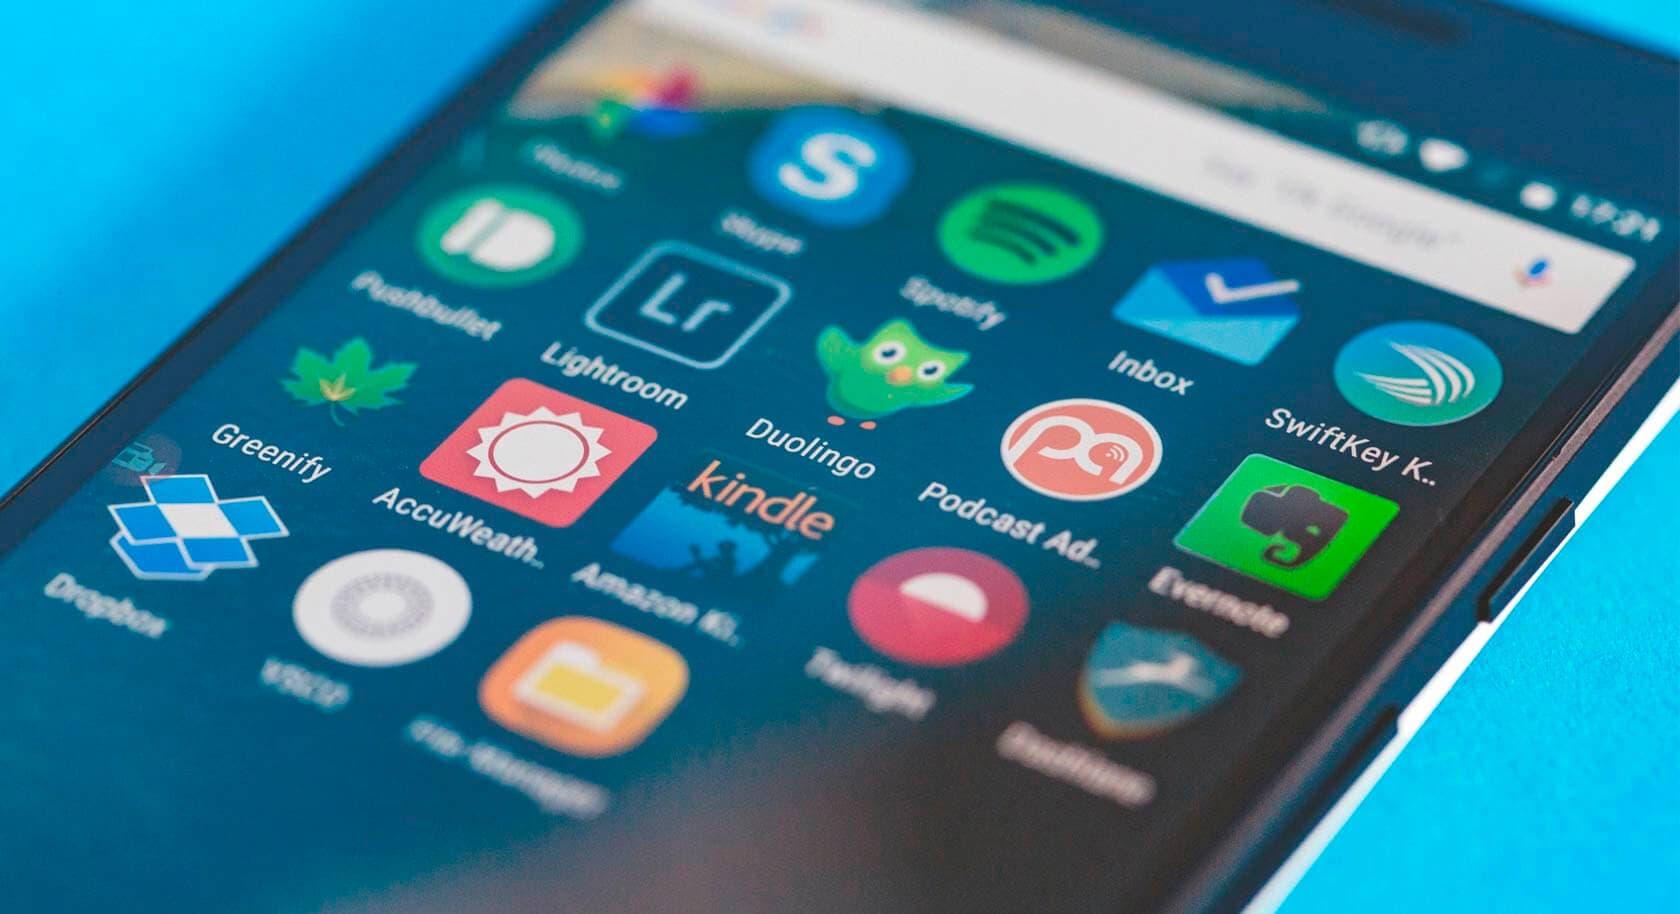 Android prepara una función perfecta para móviles baratos: hibernar aplicaciones